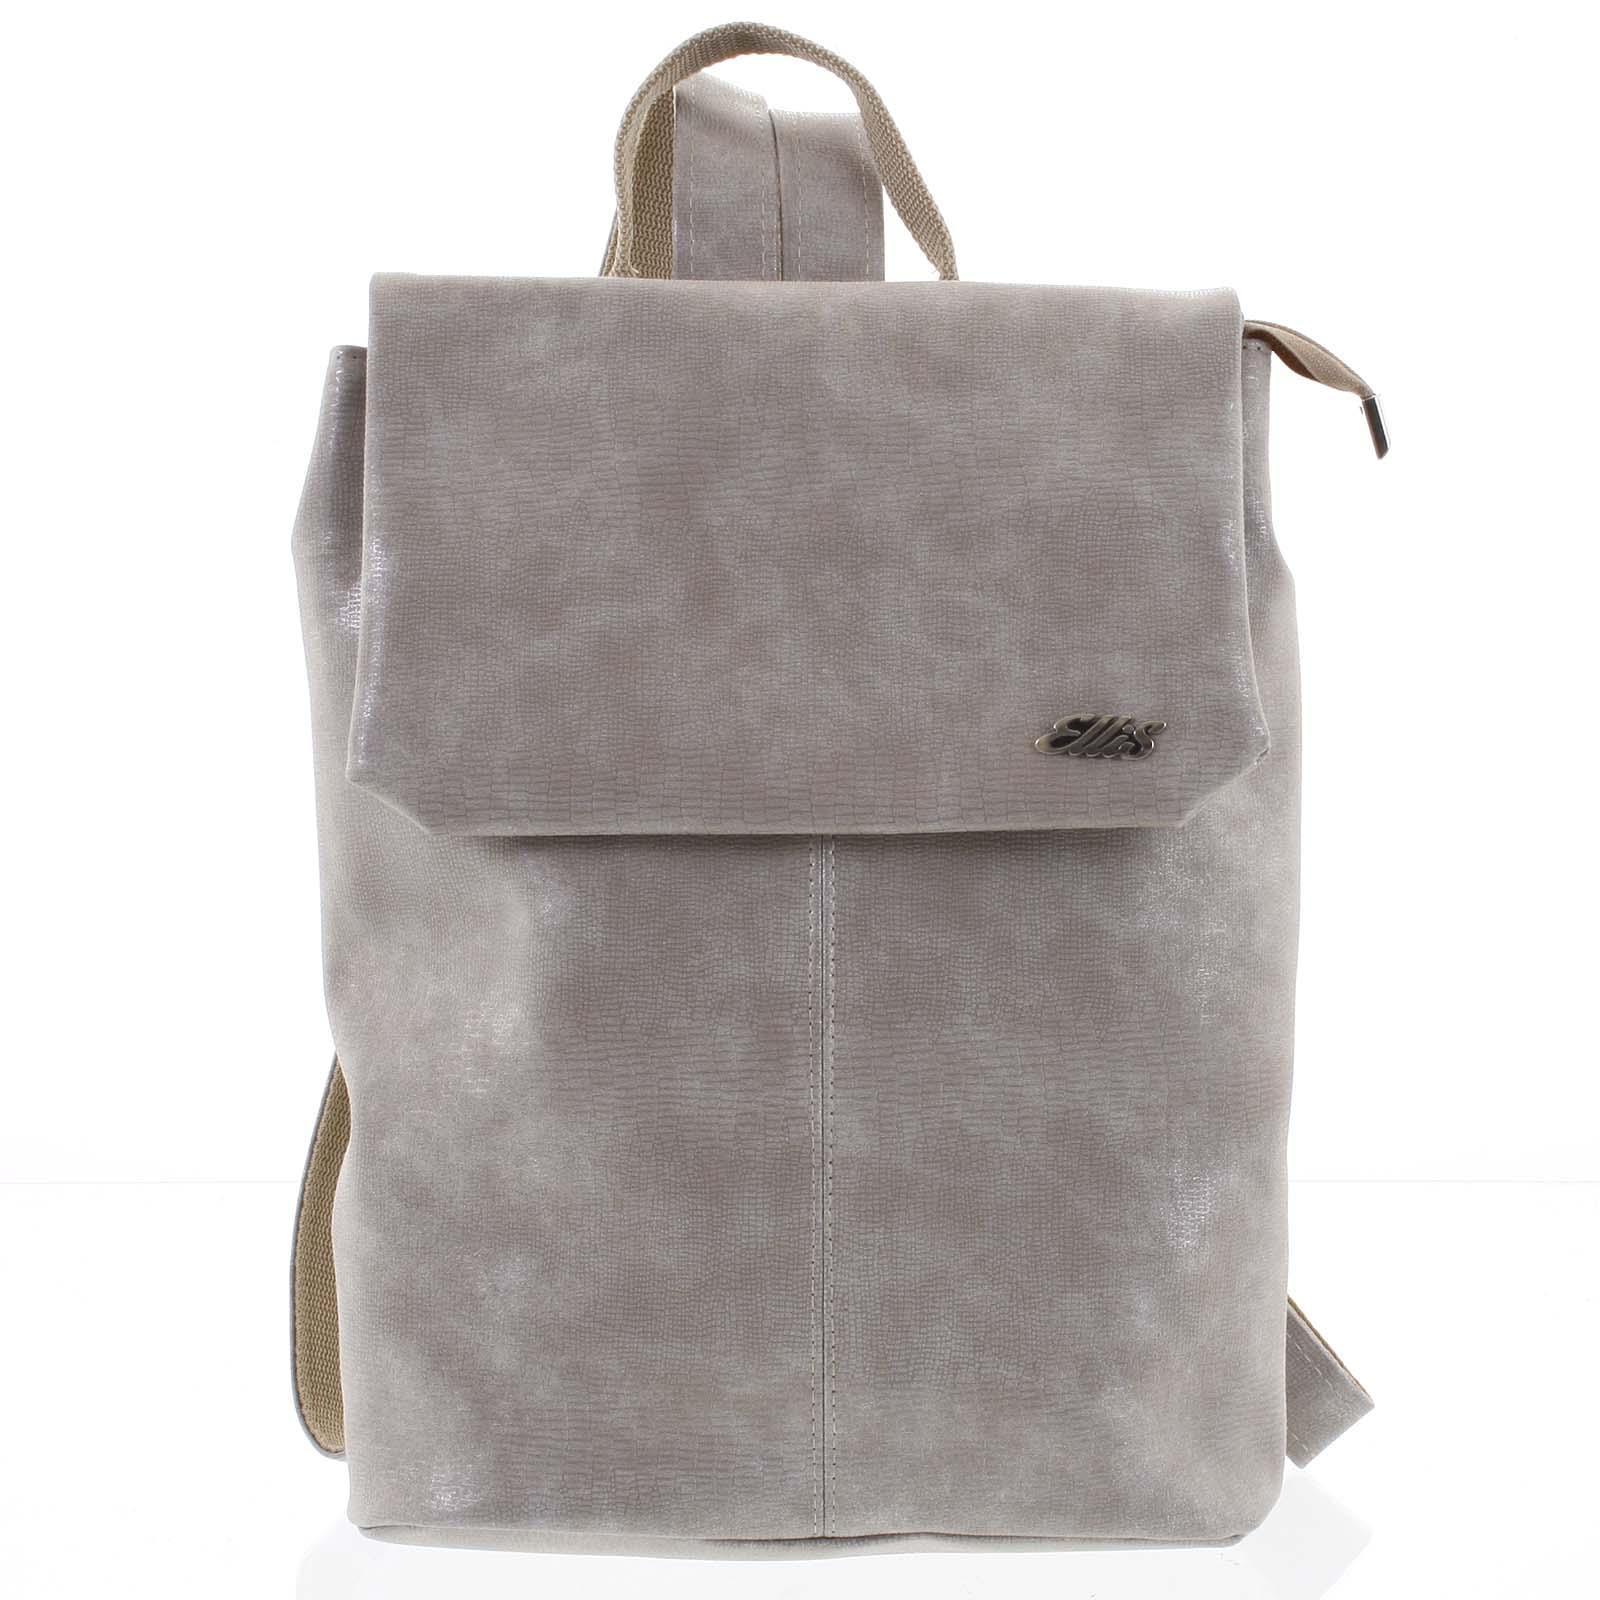 Väčší mäkký dámsky moderný béžový ruksak - Ellis Elizabeth